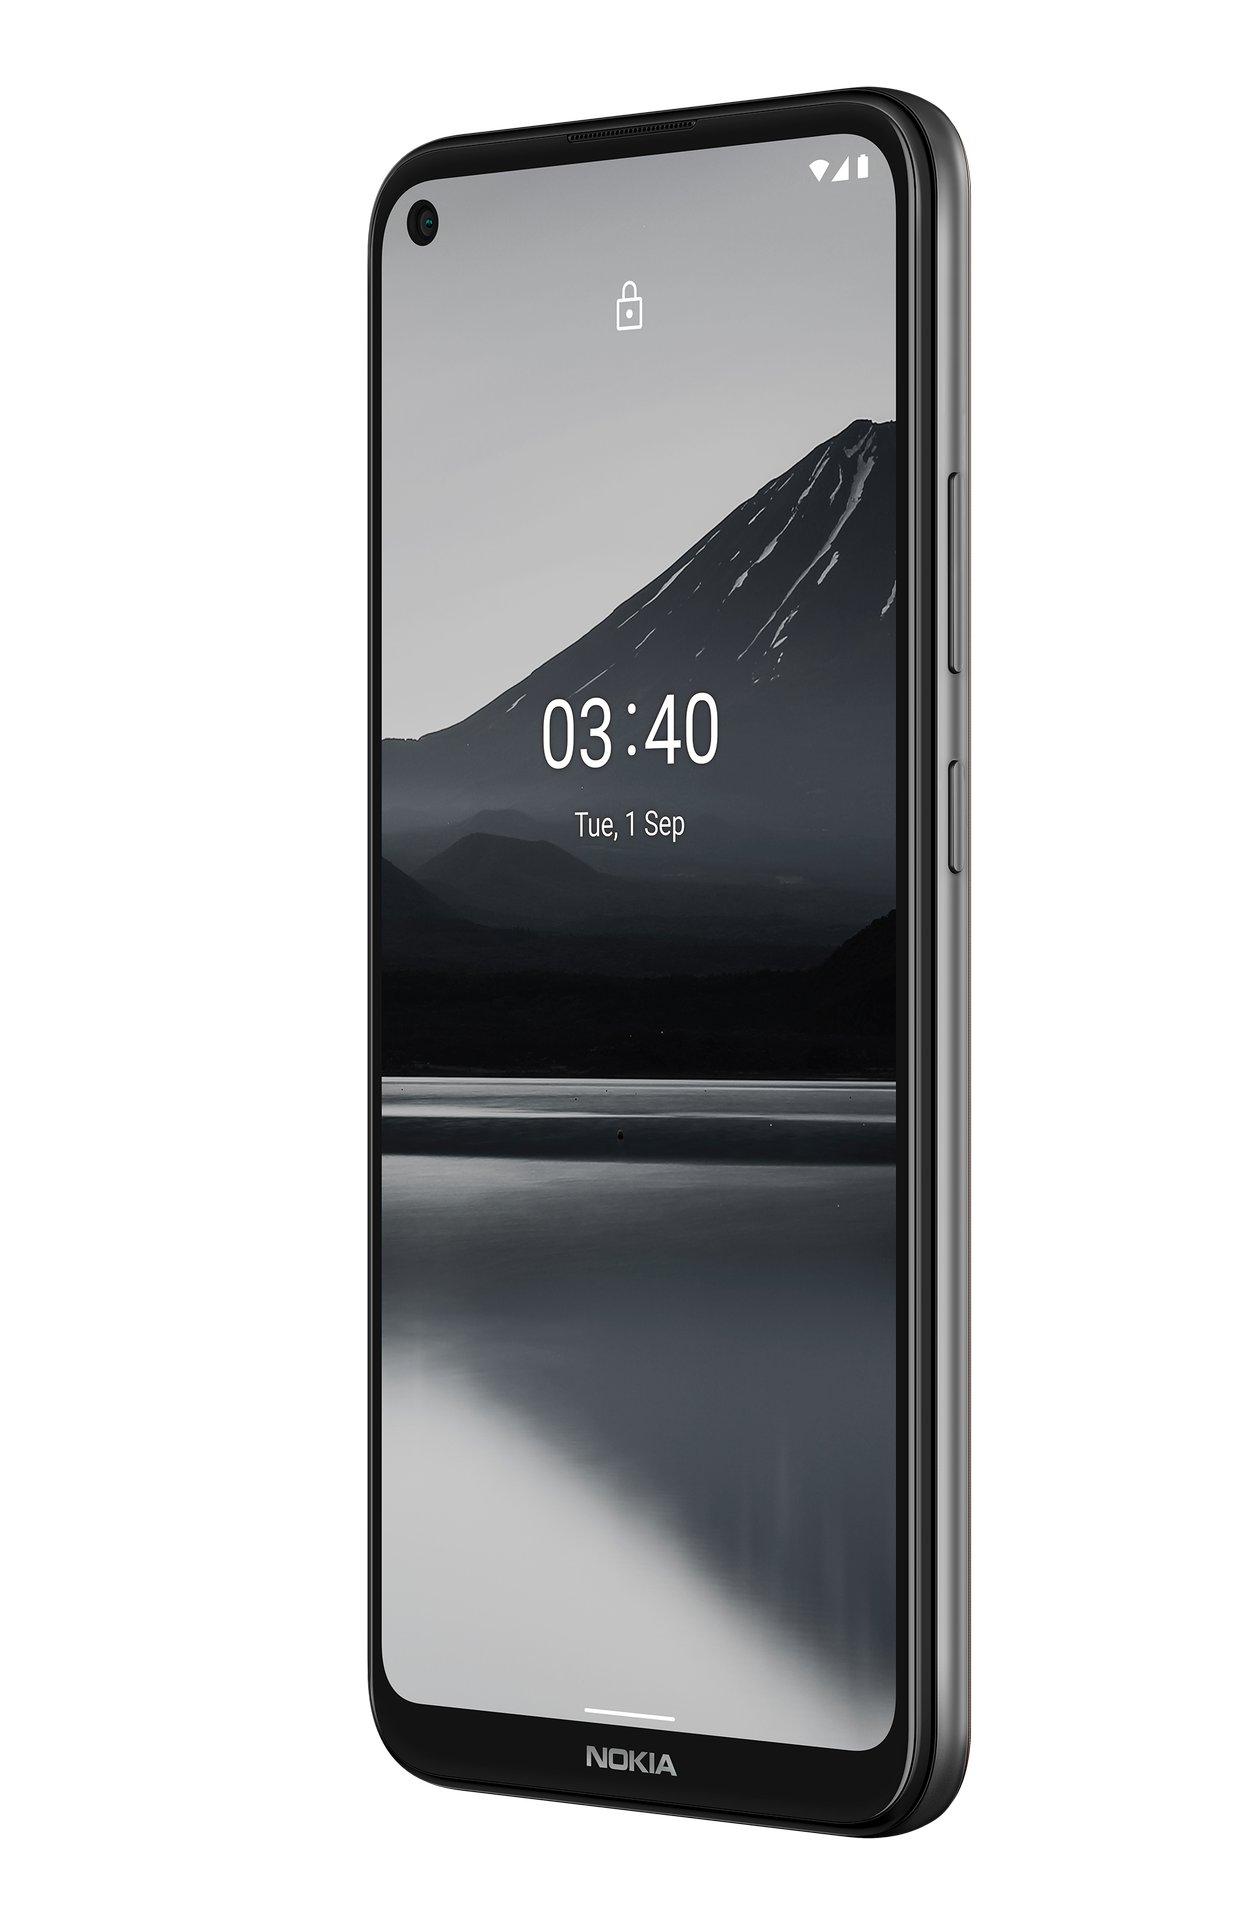 صور ومواصفات هاتف نوكيا Nokia 3.4